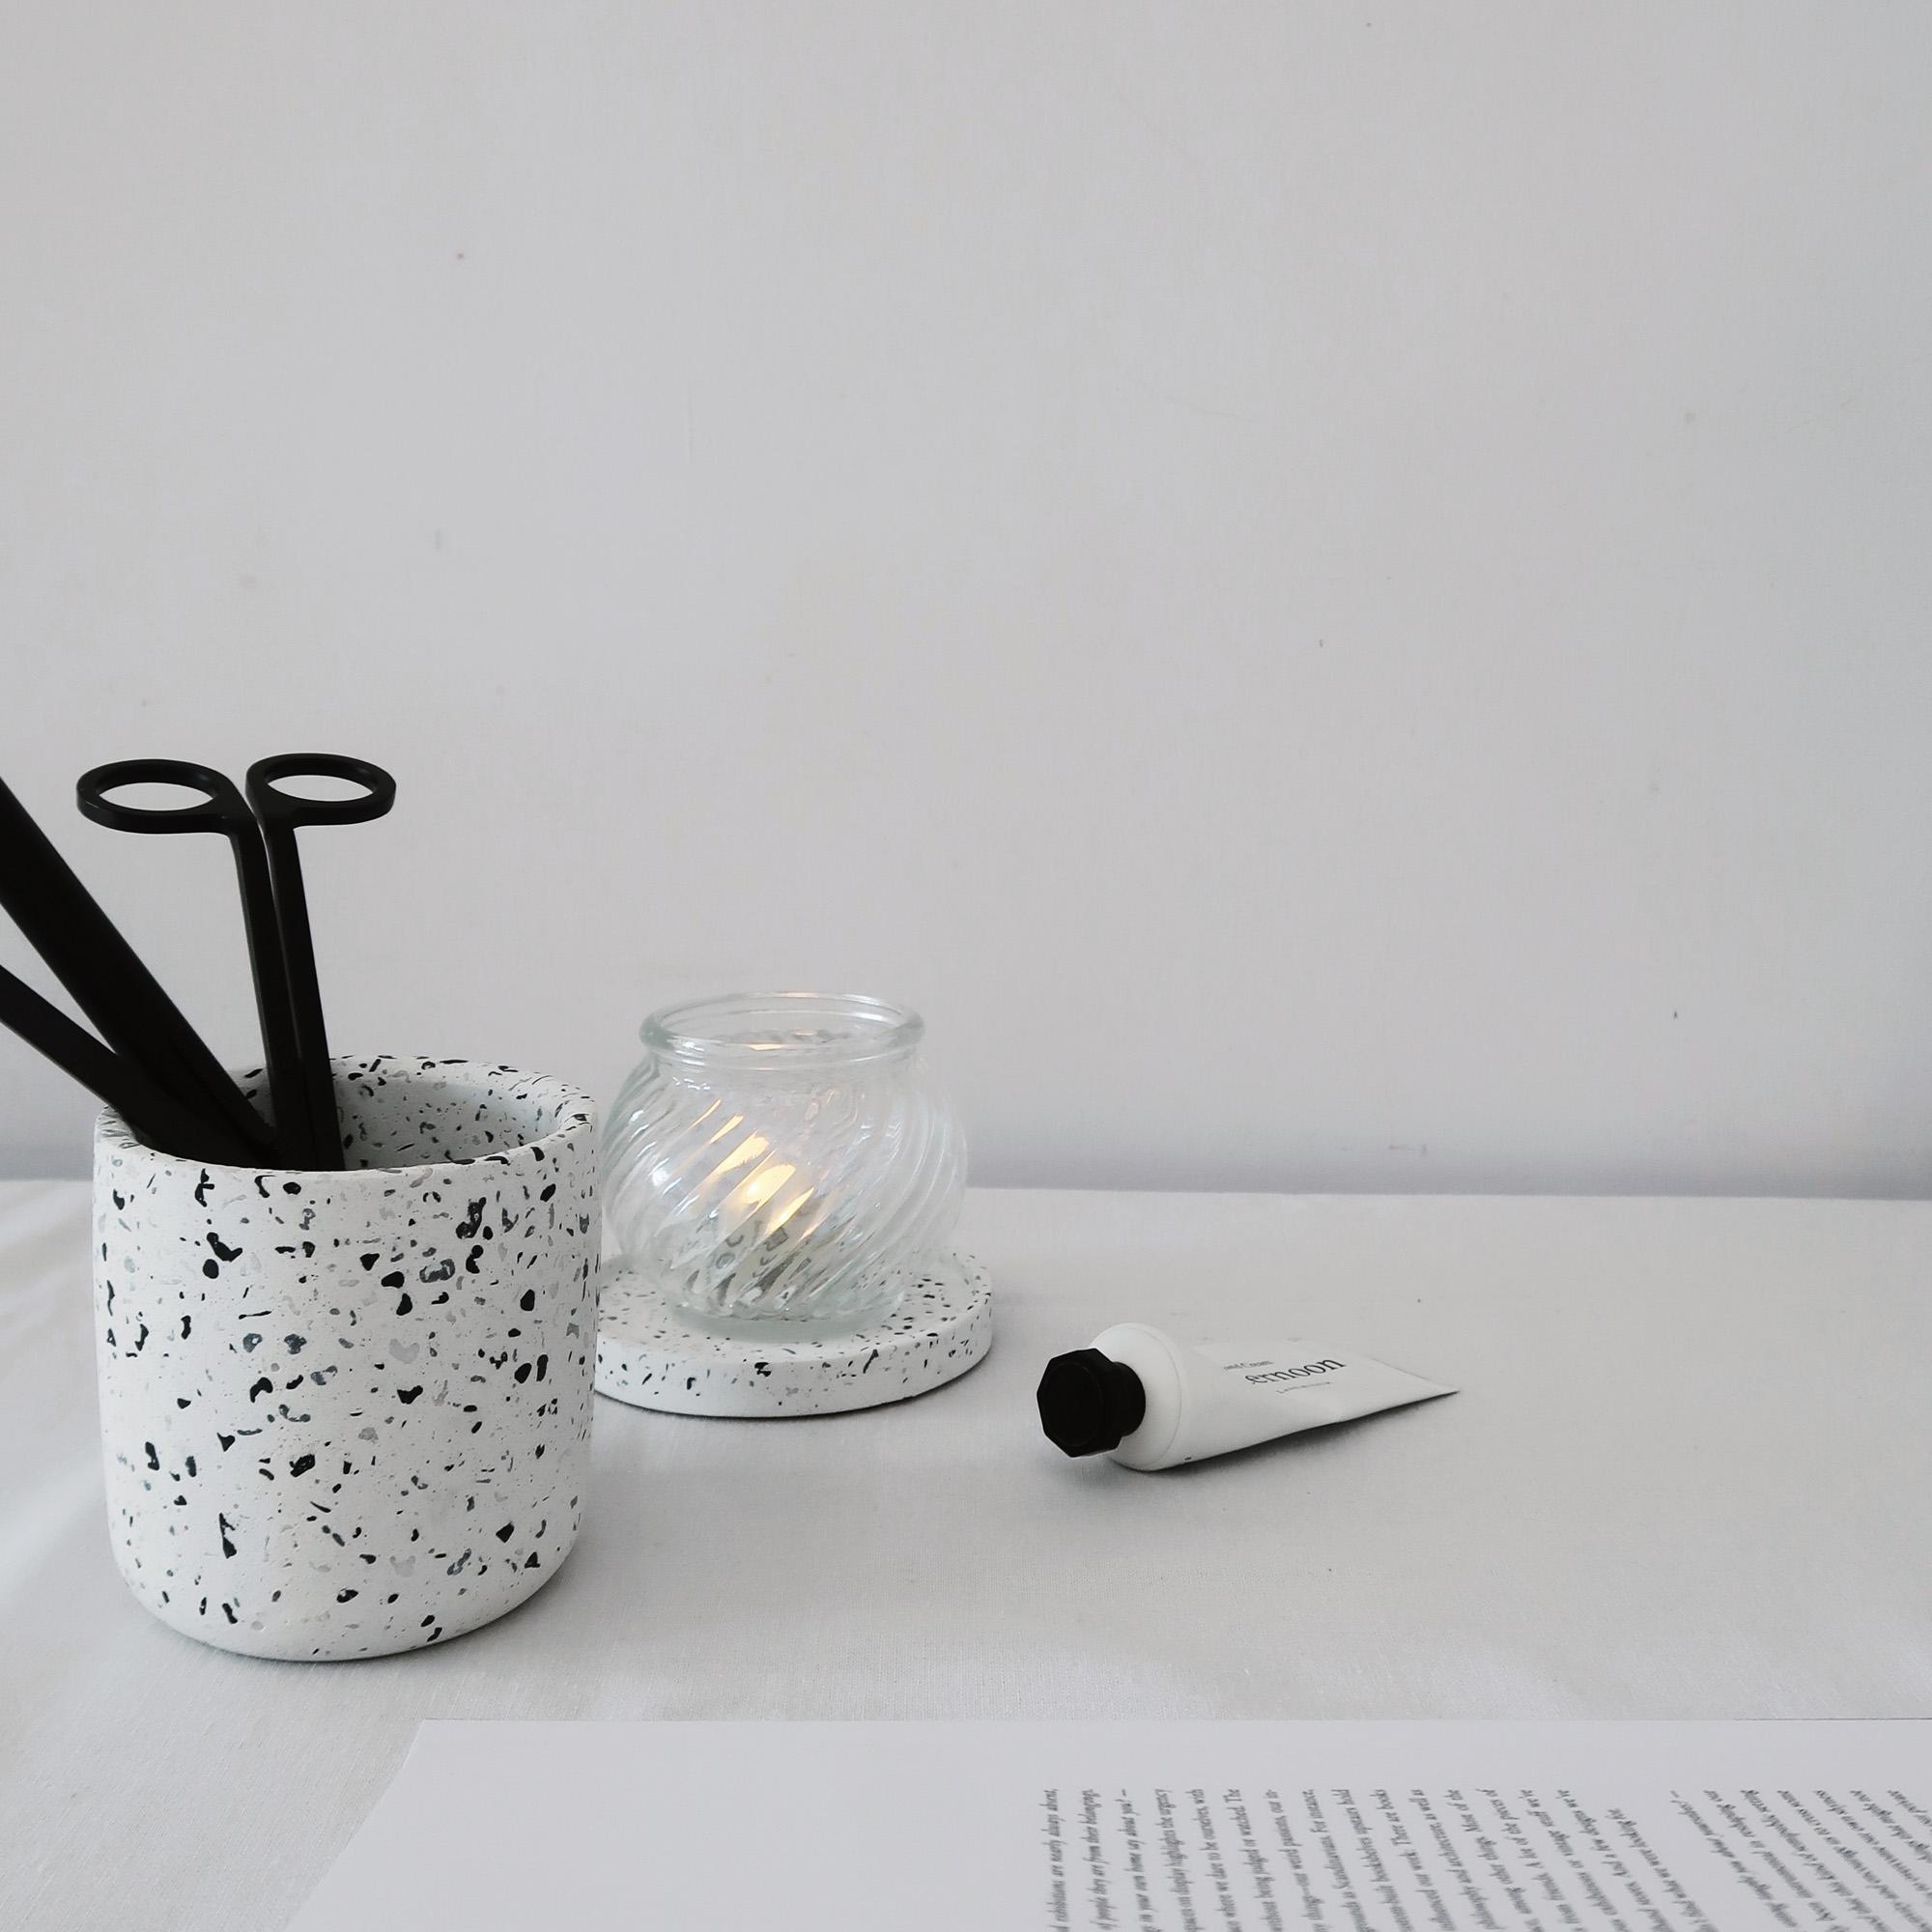 Terrazzo 磨石子經典黑白水泥圓形收納罐・置物盆